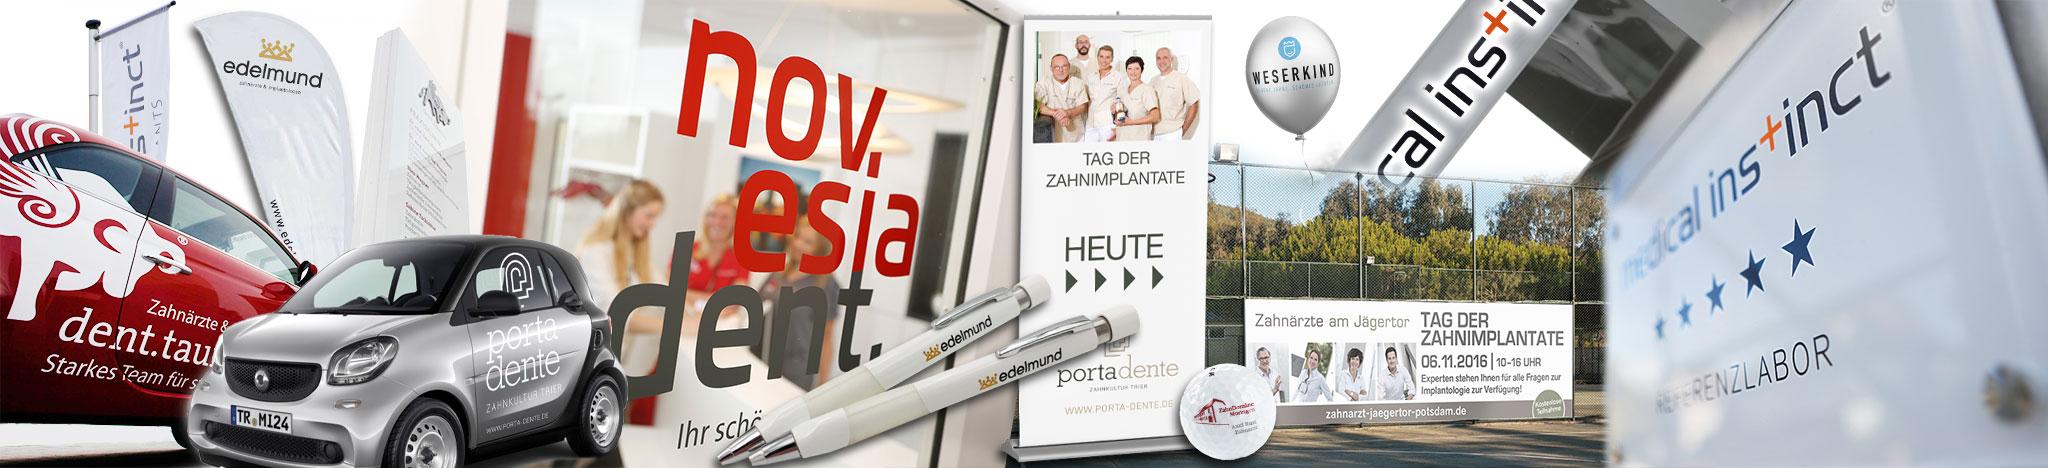 Medical Instinct® Praxismarketing Werbetechnik - Autobeschriftung, Fahnen, RollUps, Schilder, Banner